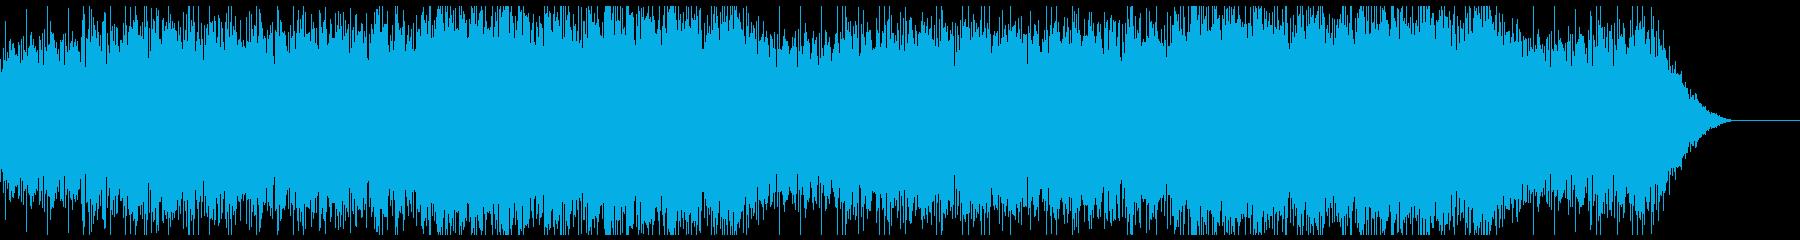 ハープとピアノの幻想的なBGM 水音ありの再生済みの波形